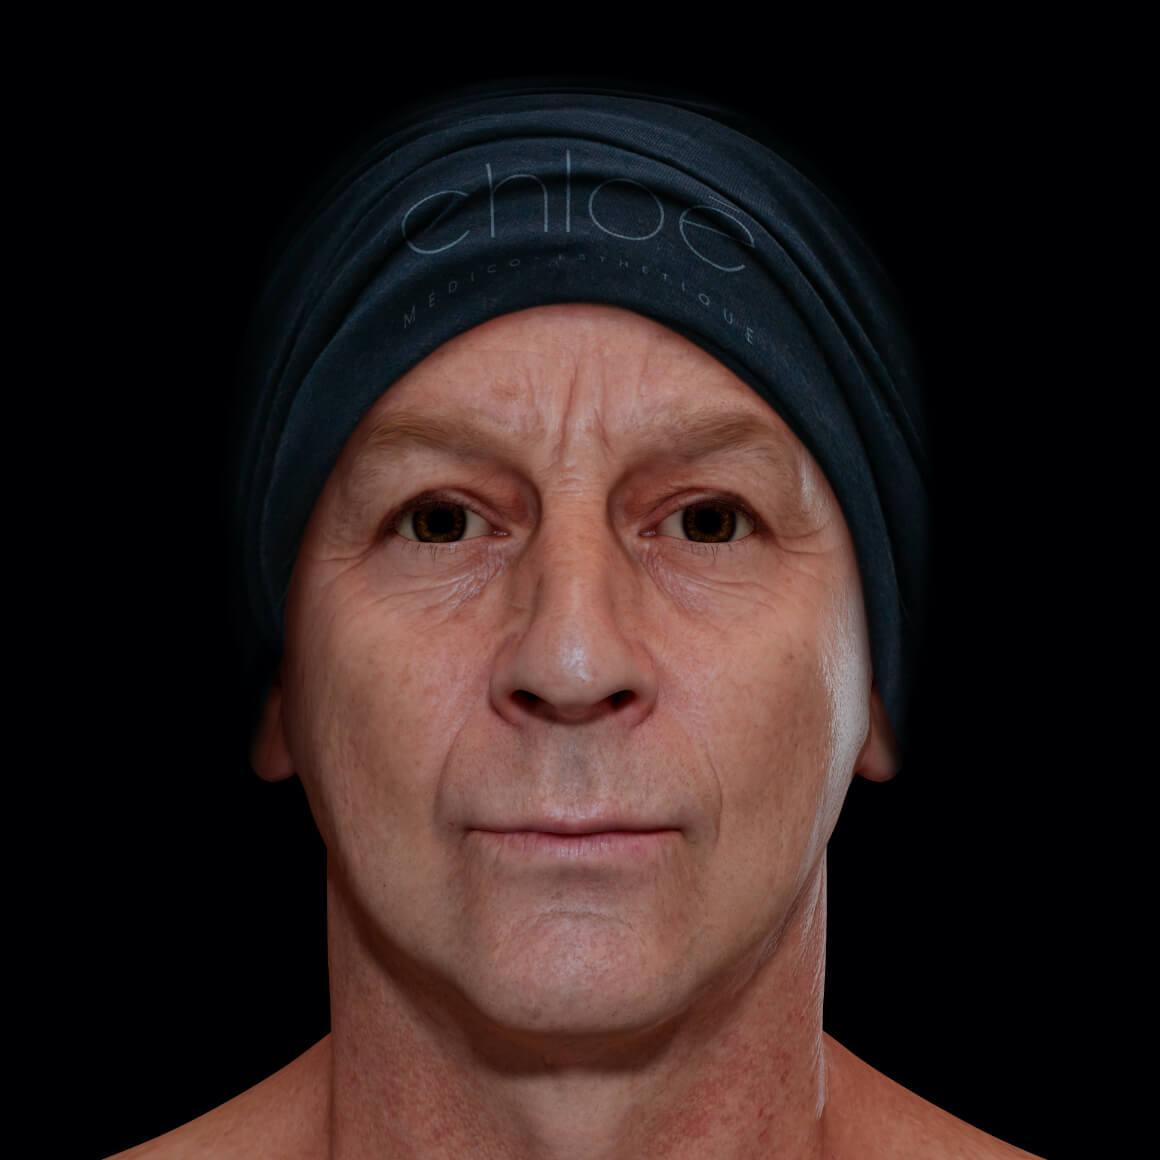 Patient de la Clinique Chloé de face après des traitements Venus Viva pour traiter des cicatrices d'acné